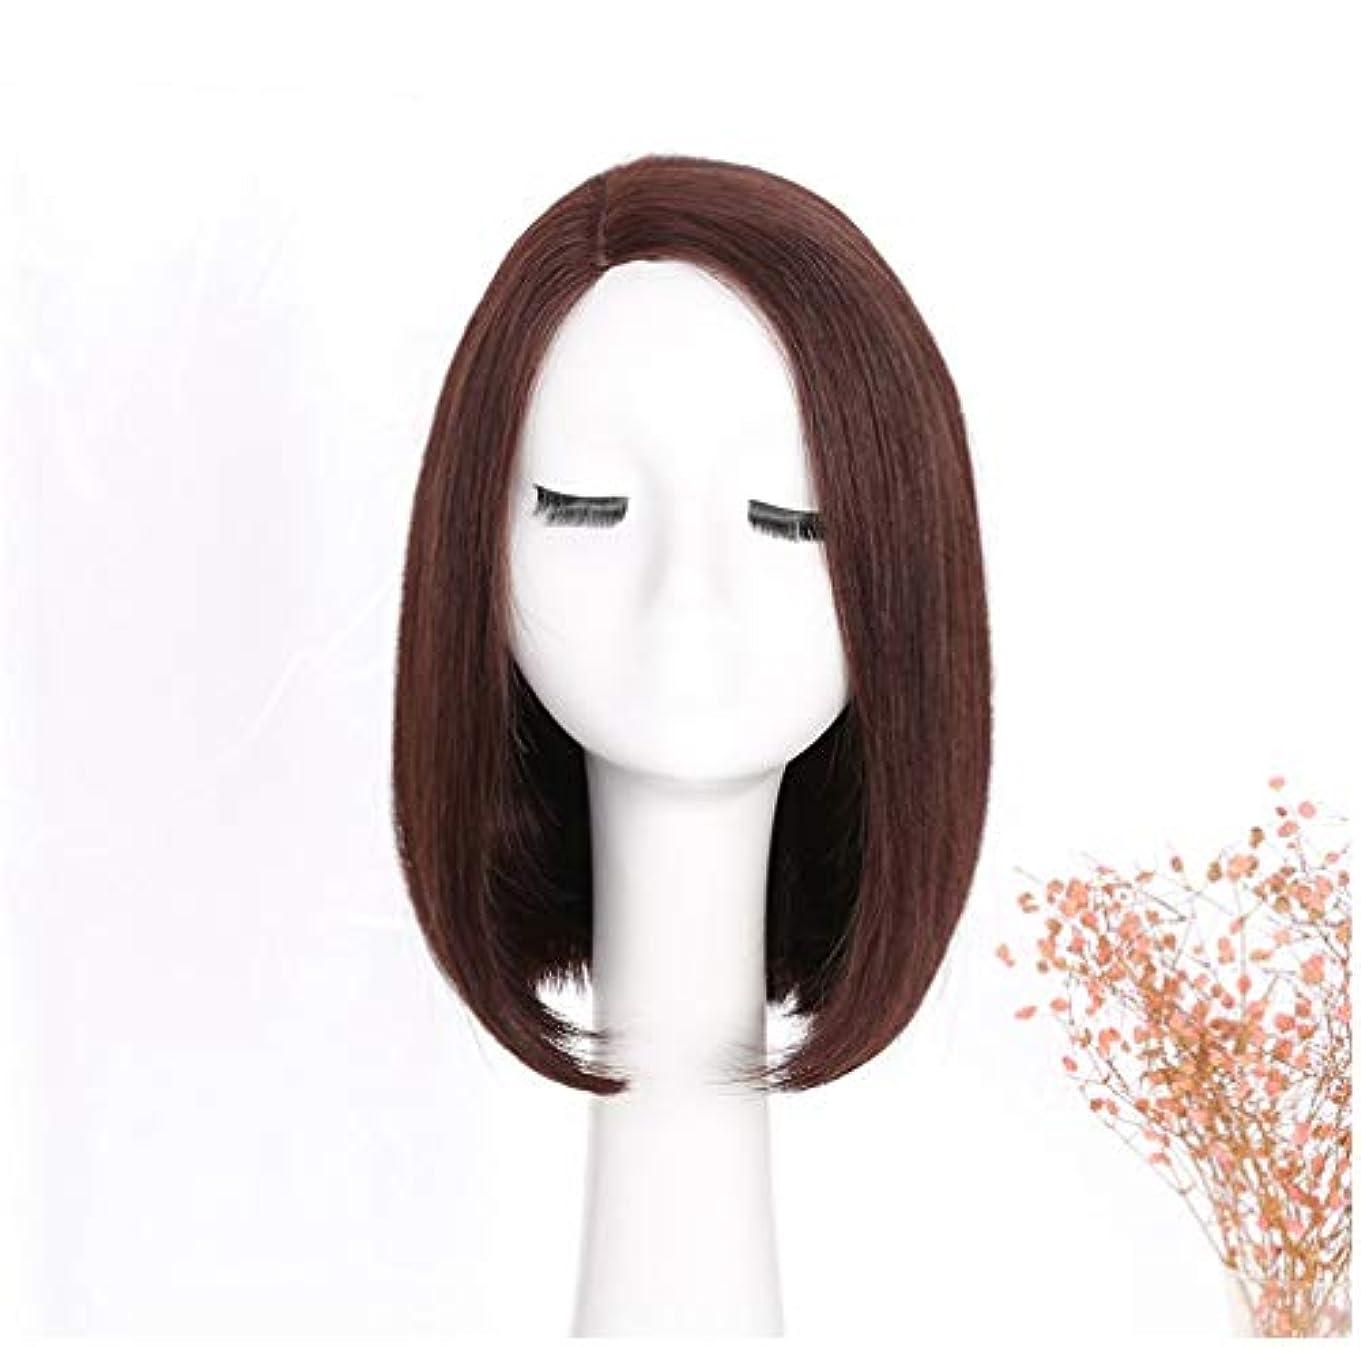 宿題をする断片豊富にYOUQIU 女子ショートヘアボブ梨ヘッド実ヘアウィッグショルダーストレートヘアーのリアルなウィッグウィッグ (色 : Dark brown)